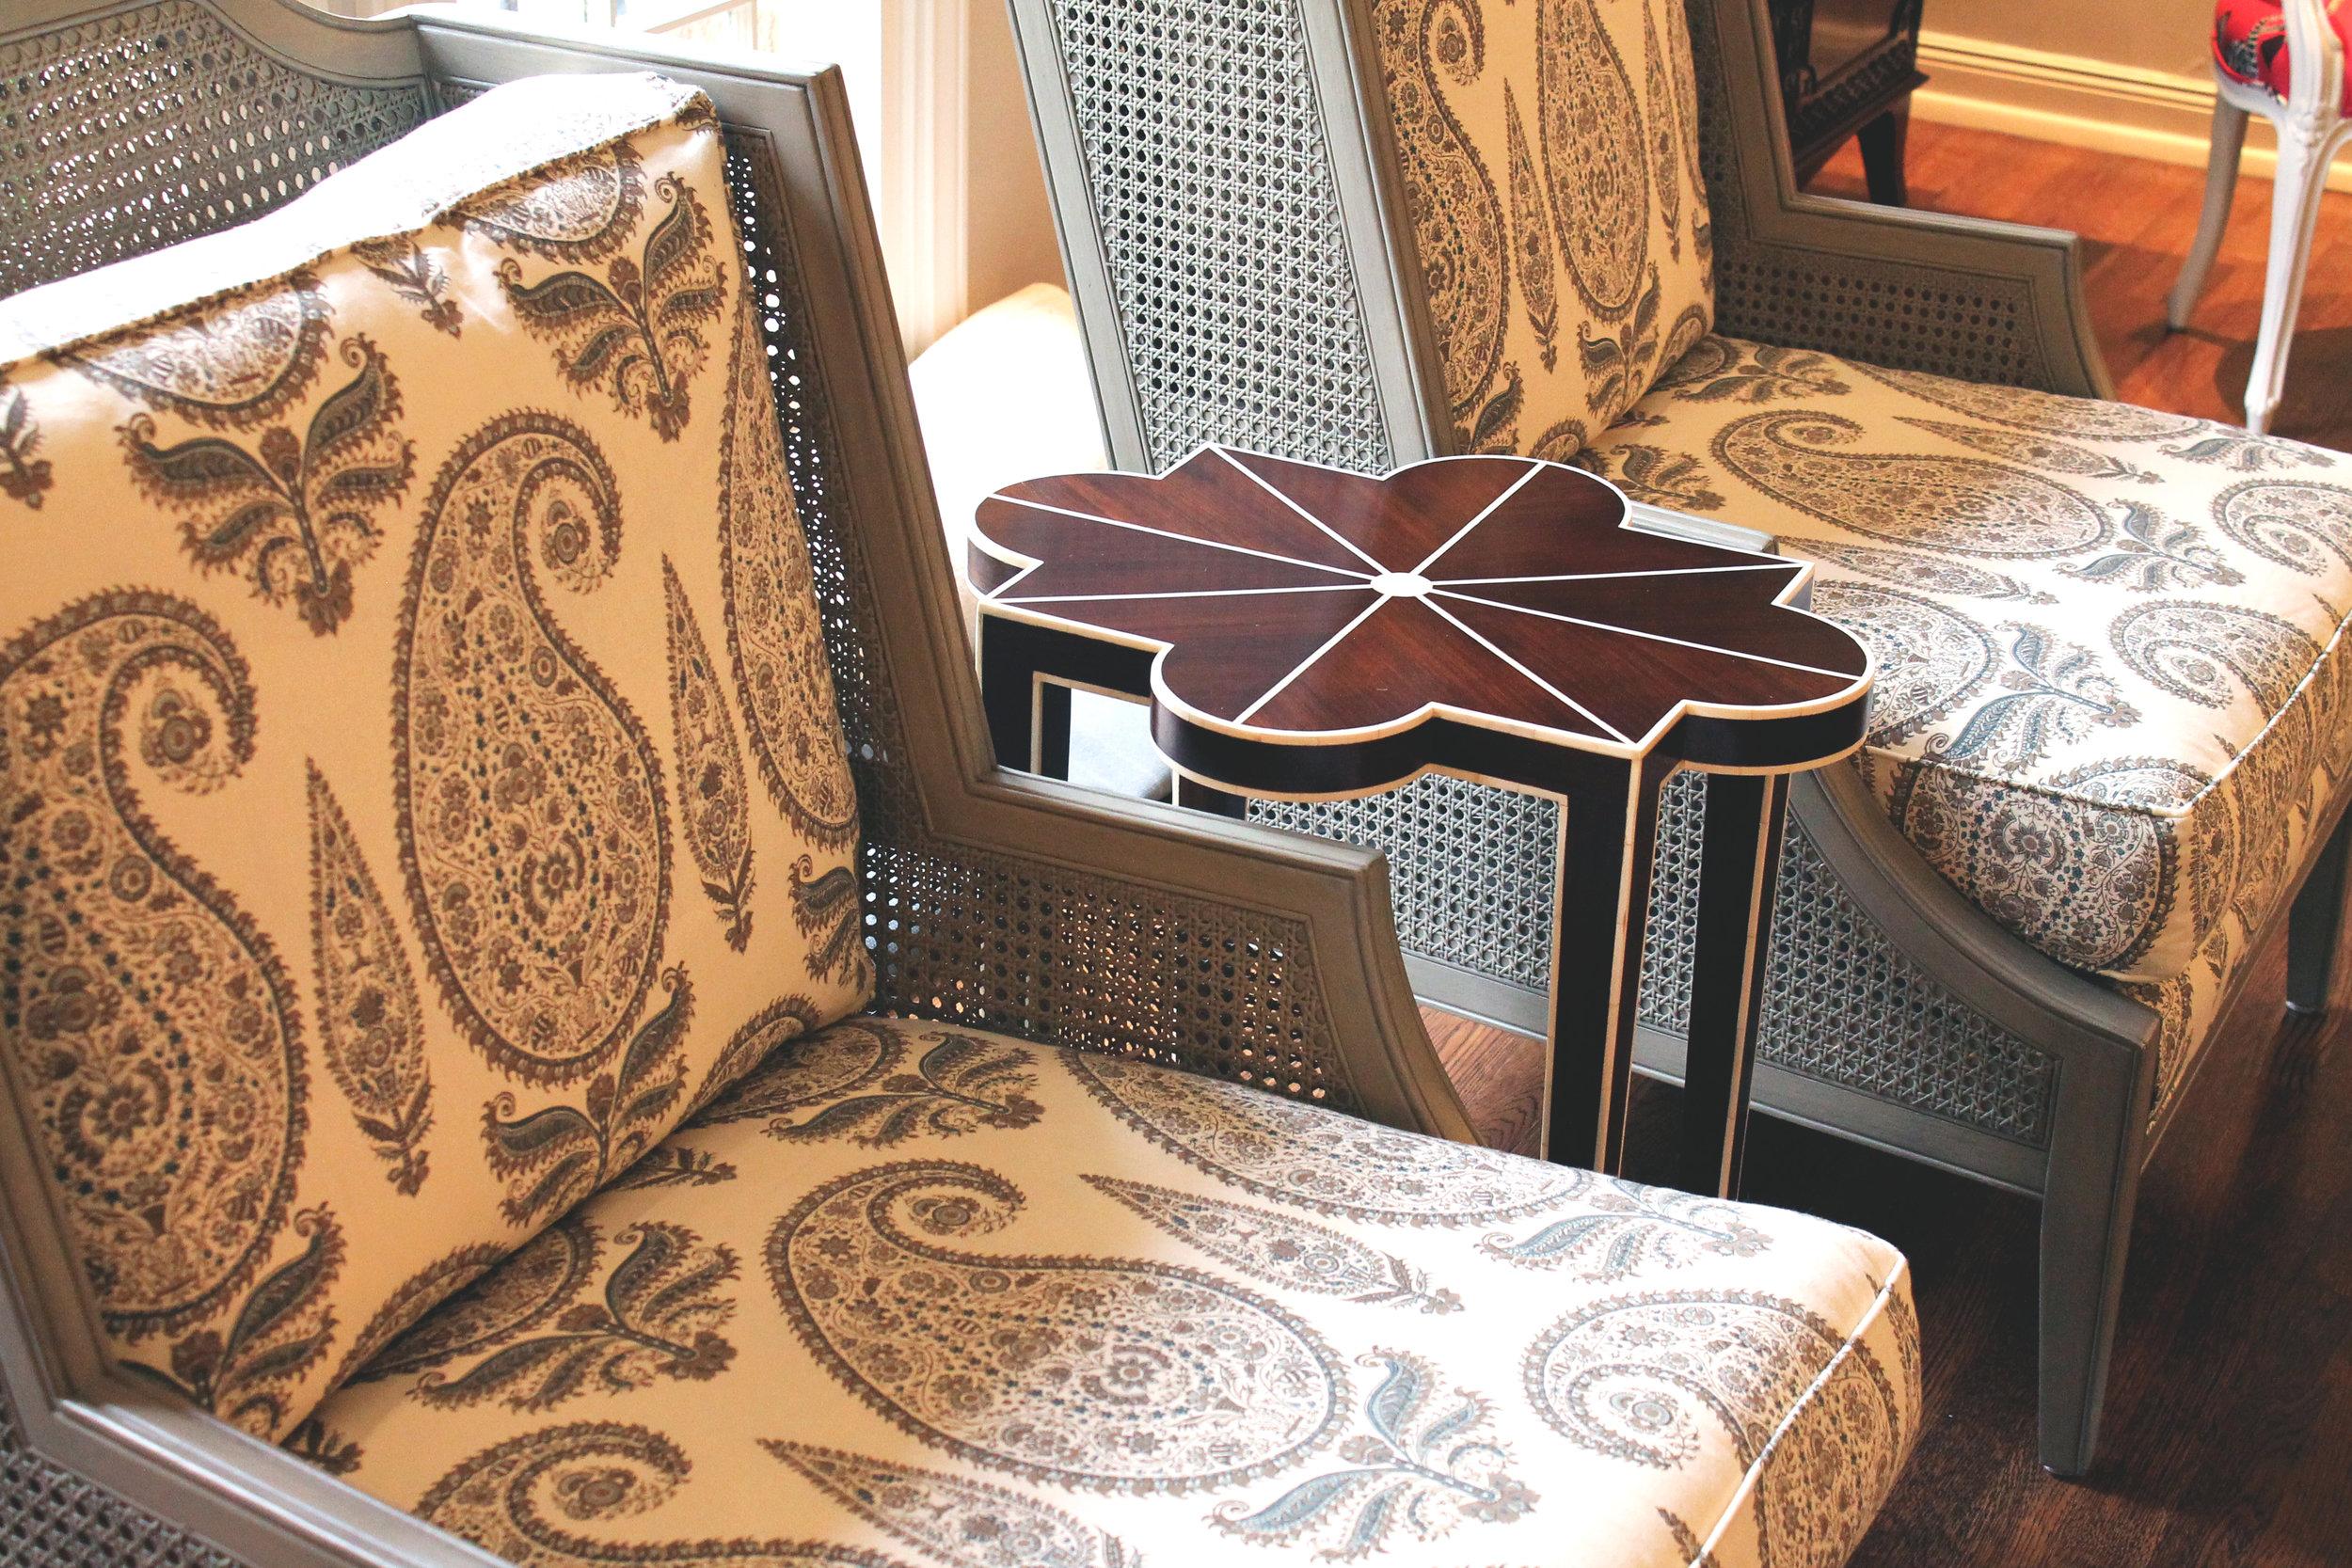 paisley chairs.jpg